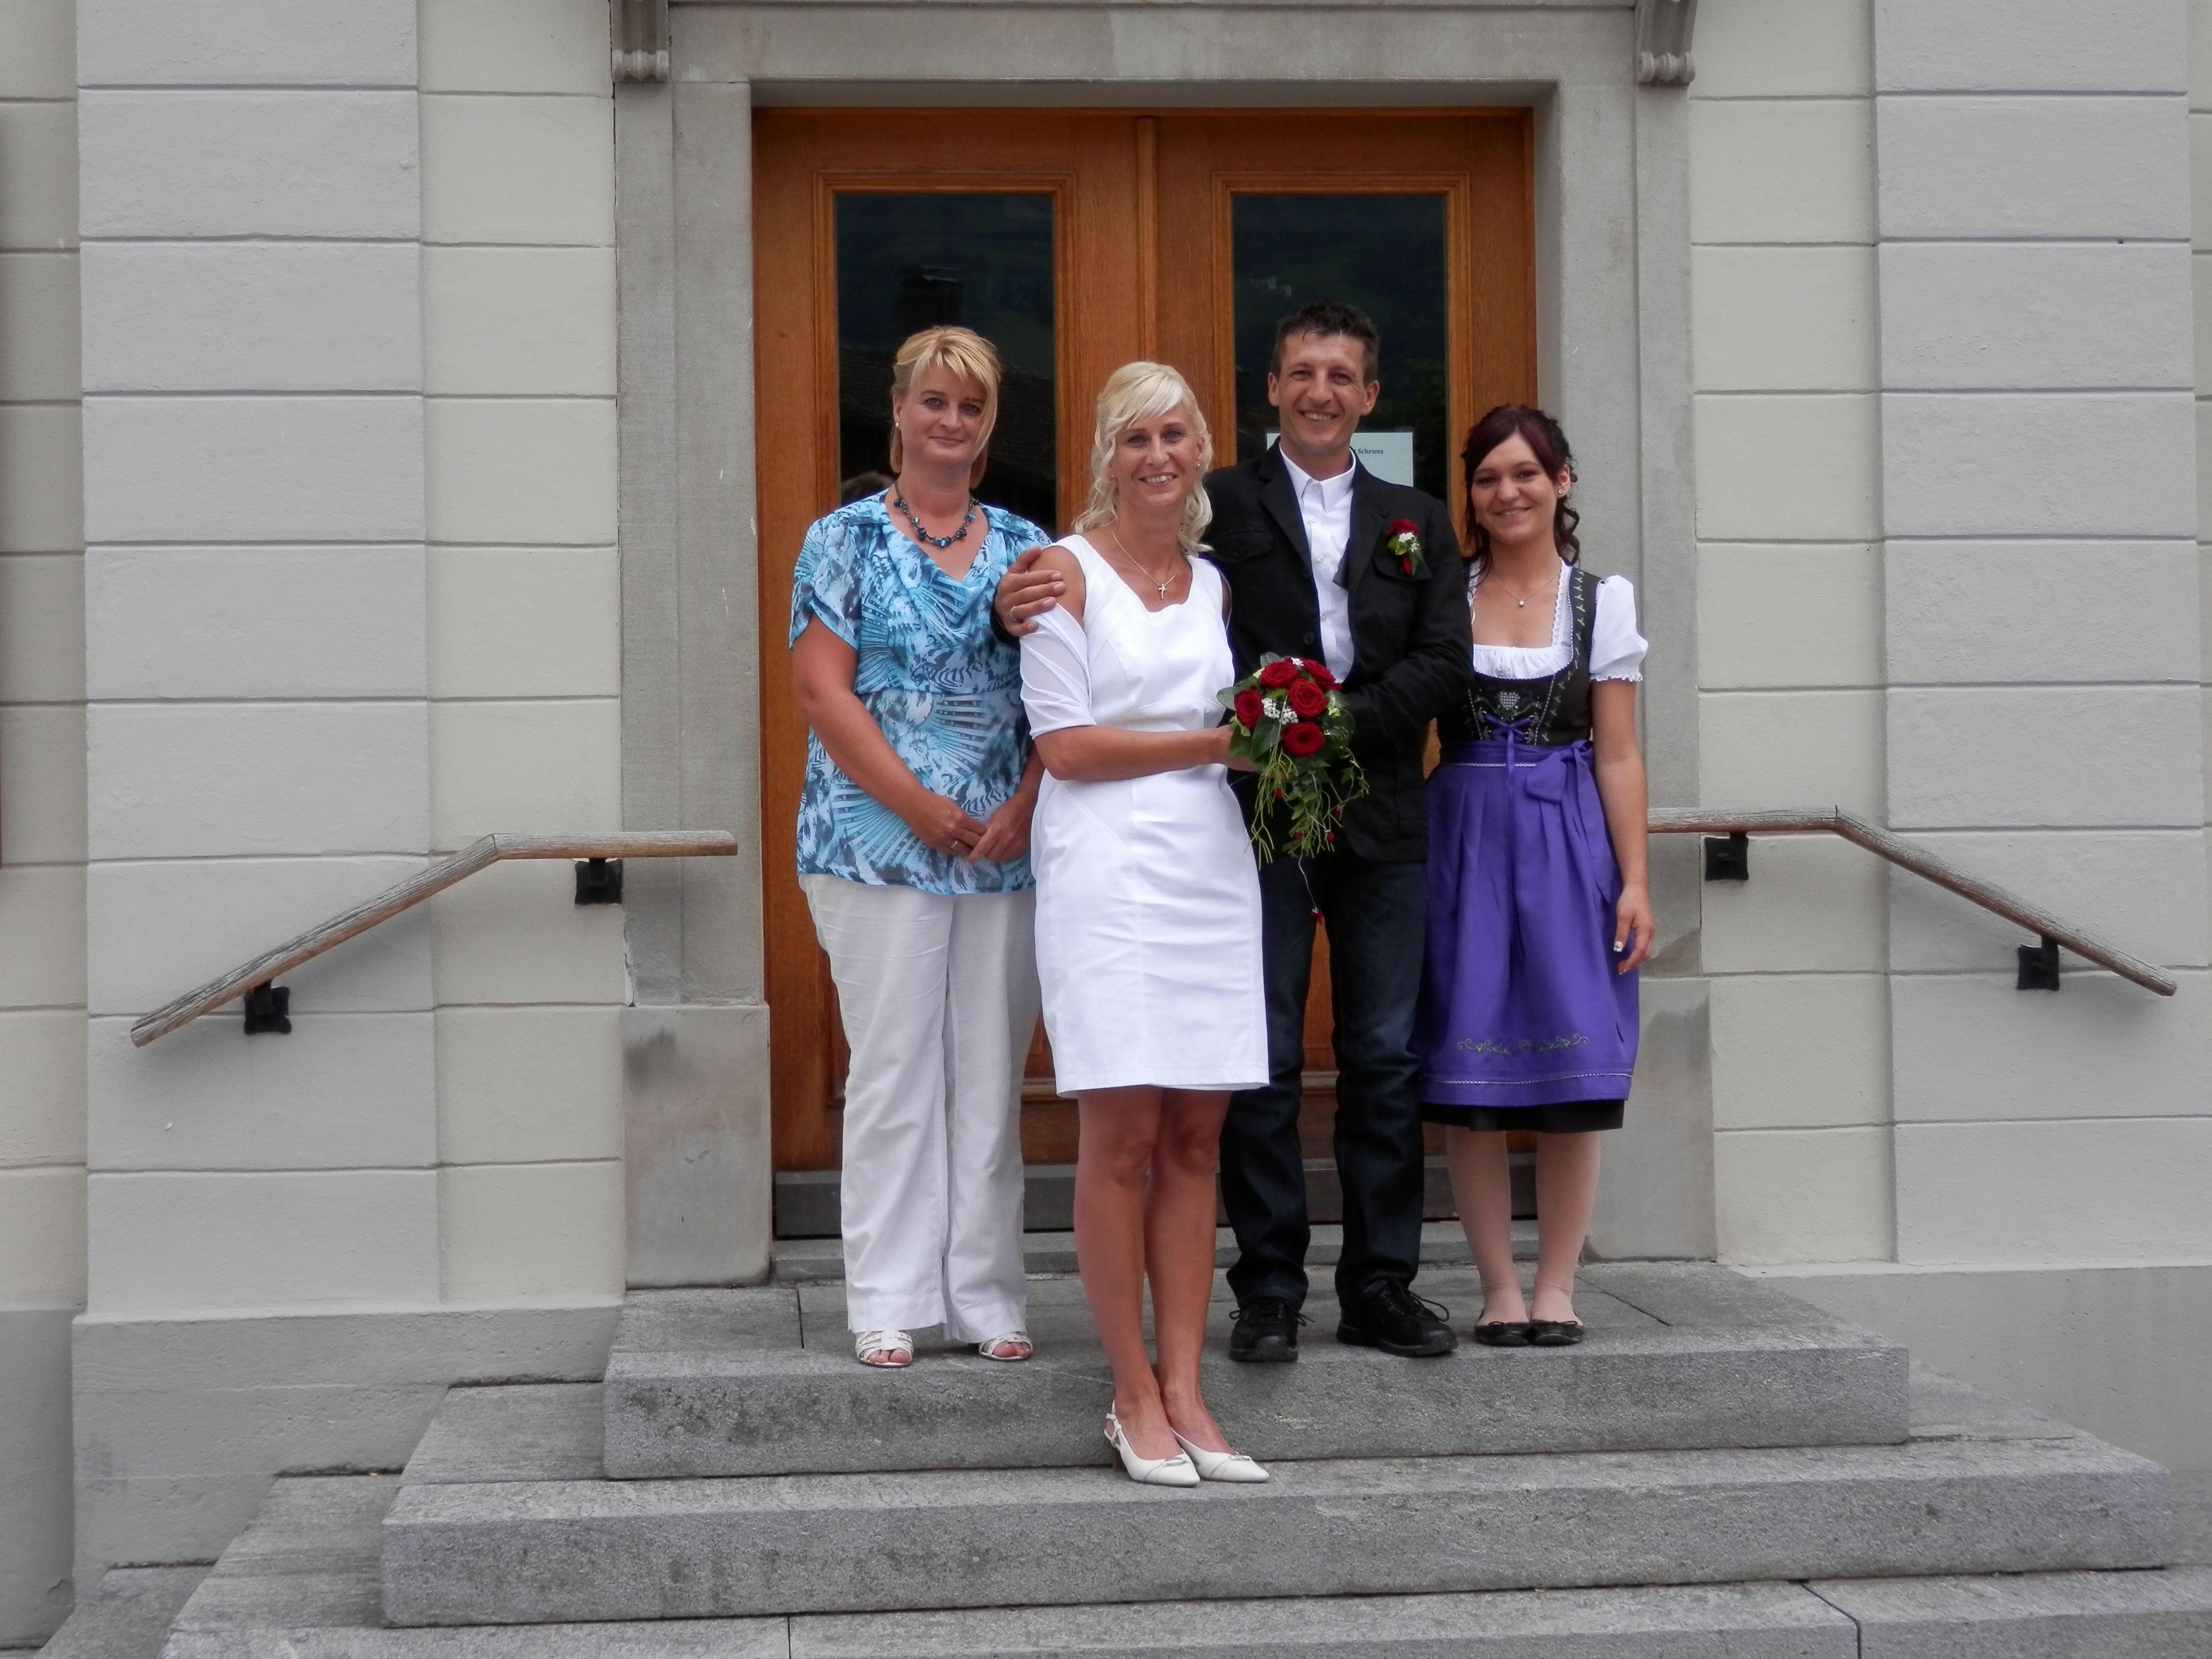 Elke Einsiedler und Martin Fitsch präsentierten sich am 22.6. als frisch gebackenes Ehepaar.